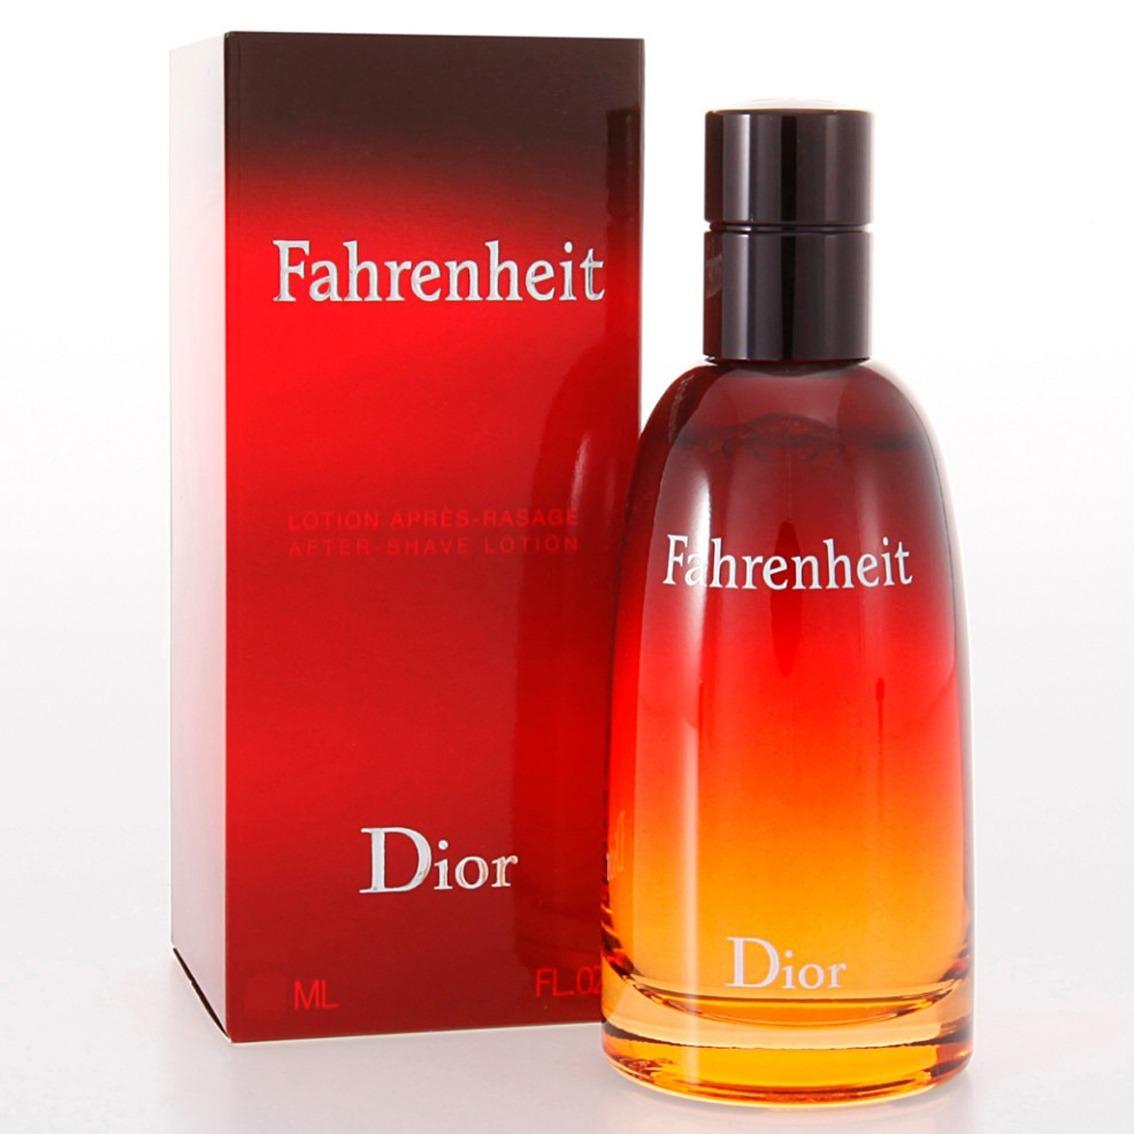 36b99e99de004 O perfume Fahrenheit Masculino foi especialmente desenvolvido para homens  modernos e elegantes